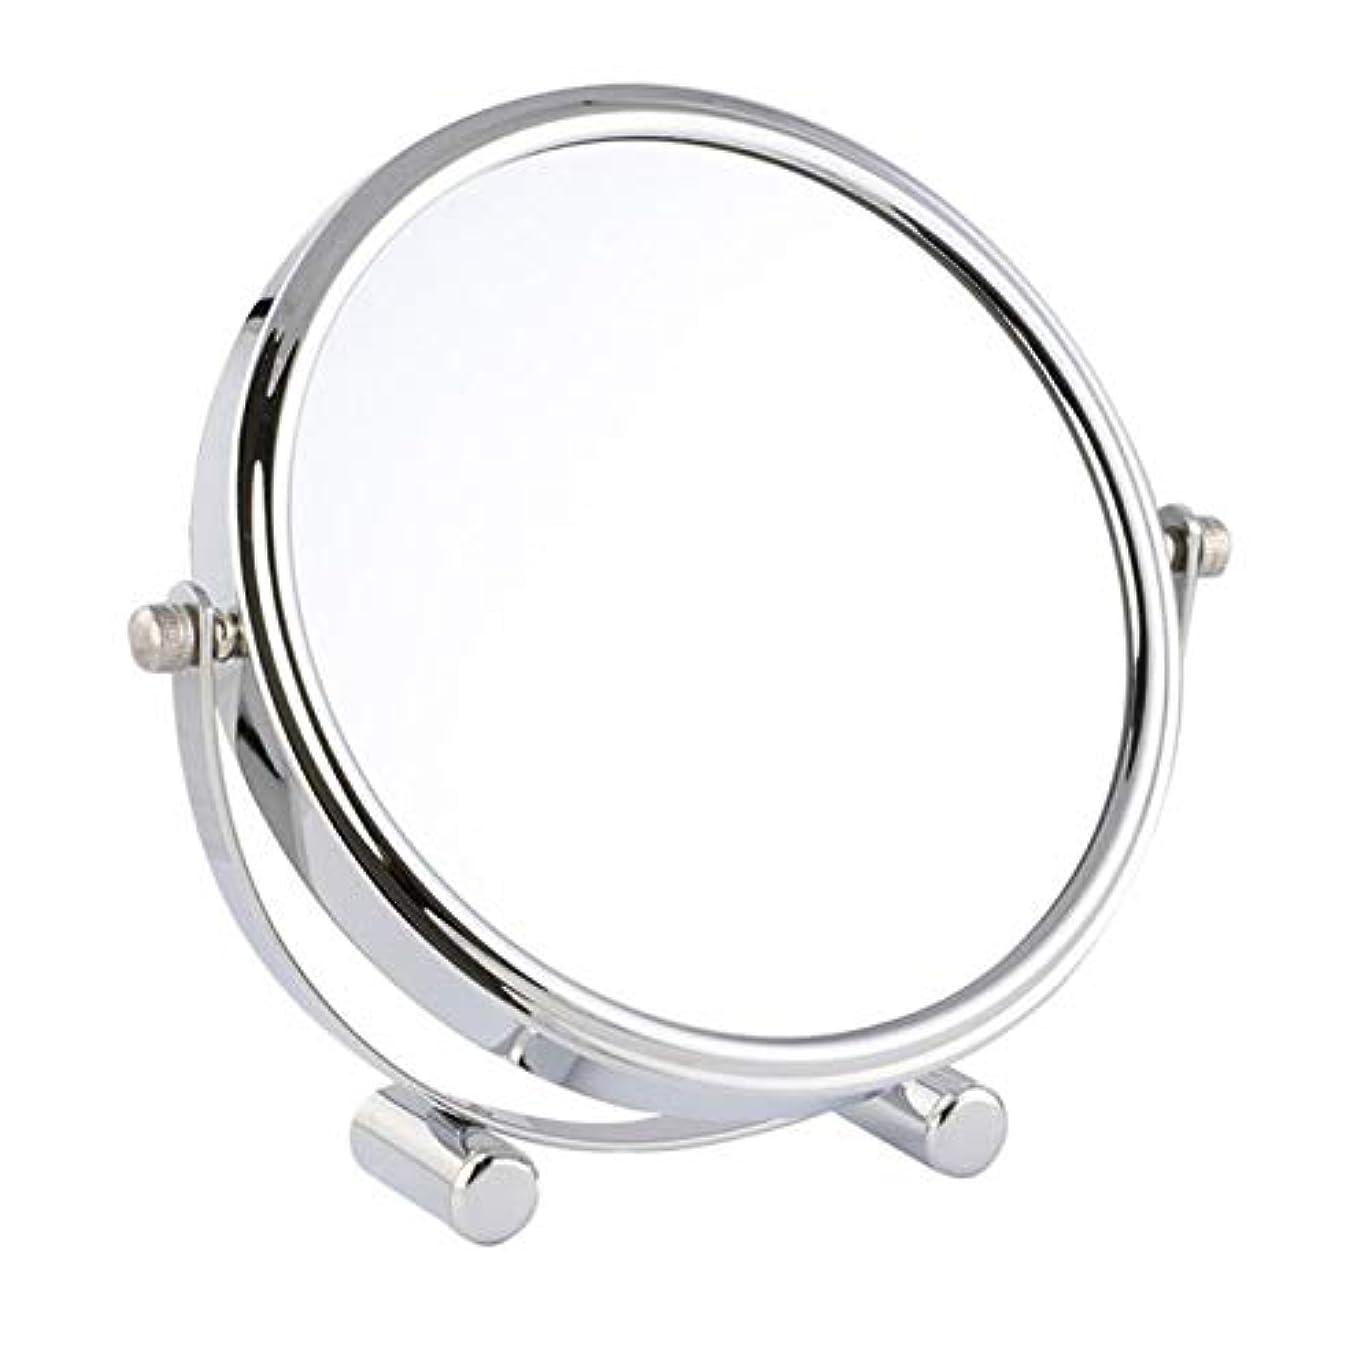 備品燃料考慮化粧鏡 女優ミラー けメイクミラー スタンドミラー 卓上鏡 化粧道具 両面鏡 片面2倍 拡大鏡 360度回転 鏡面直径17cm